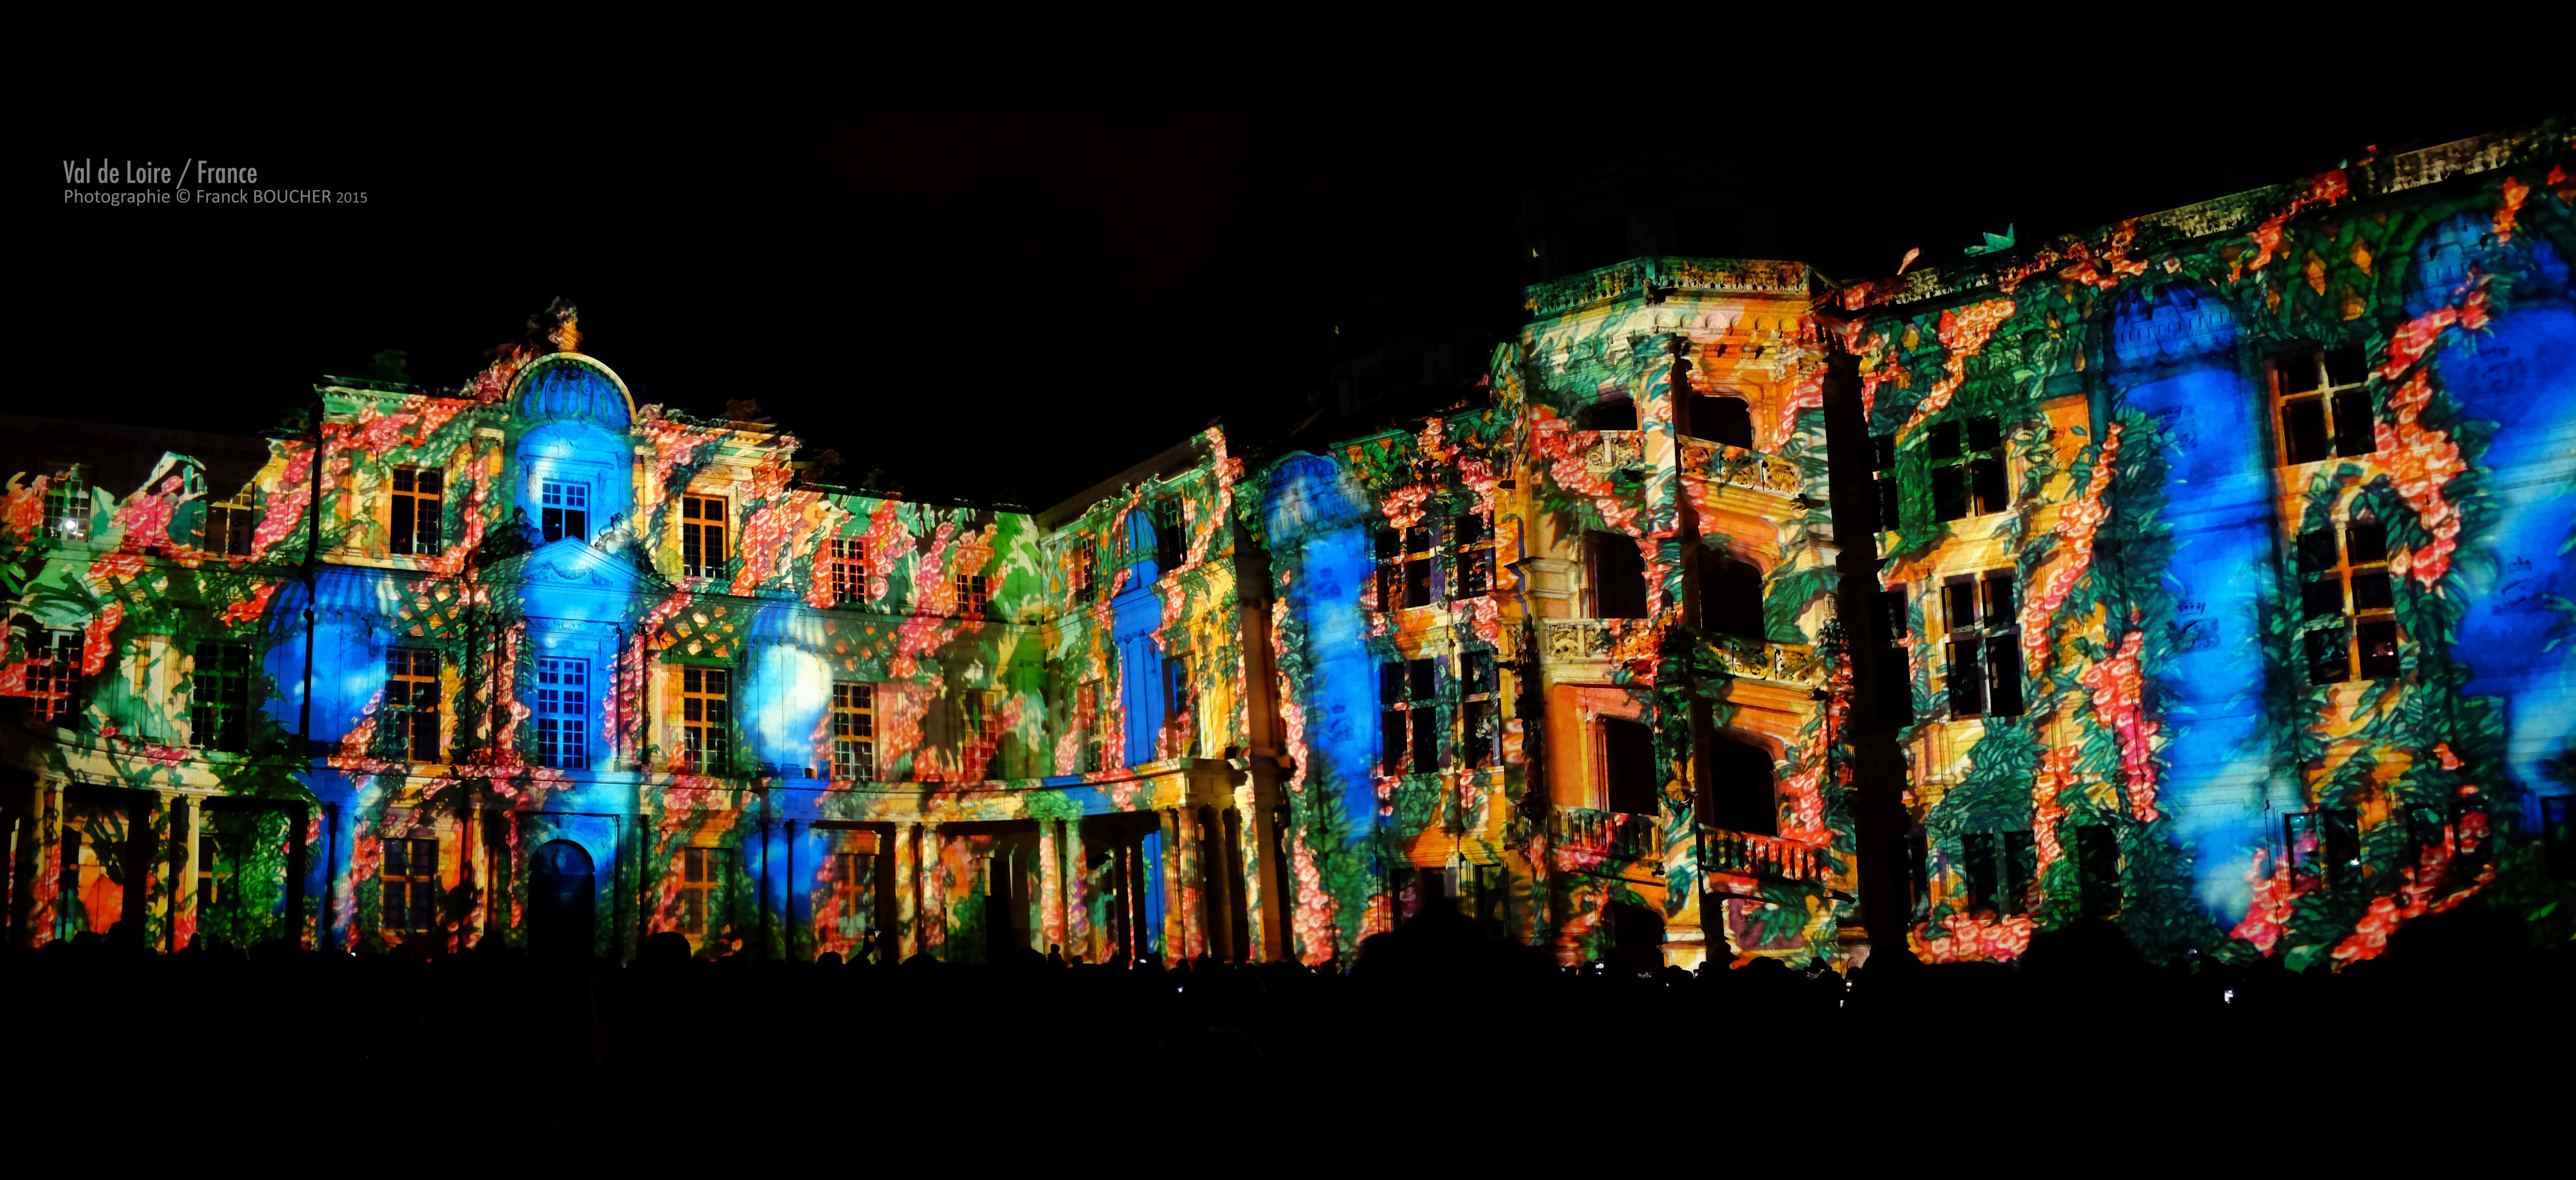 ref-Blois-nocturne01